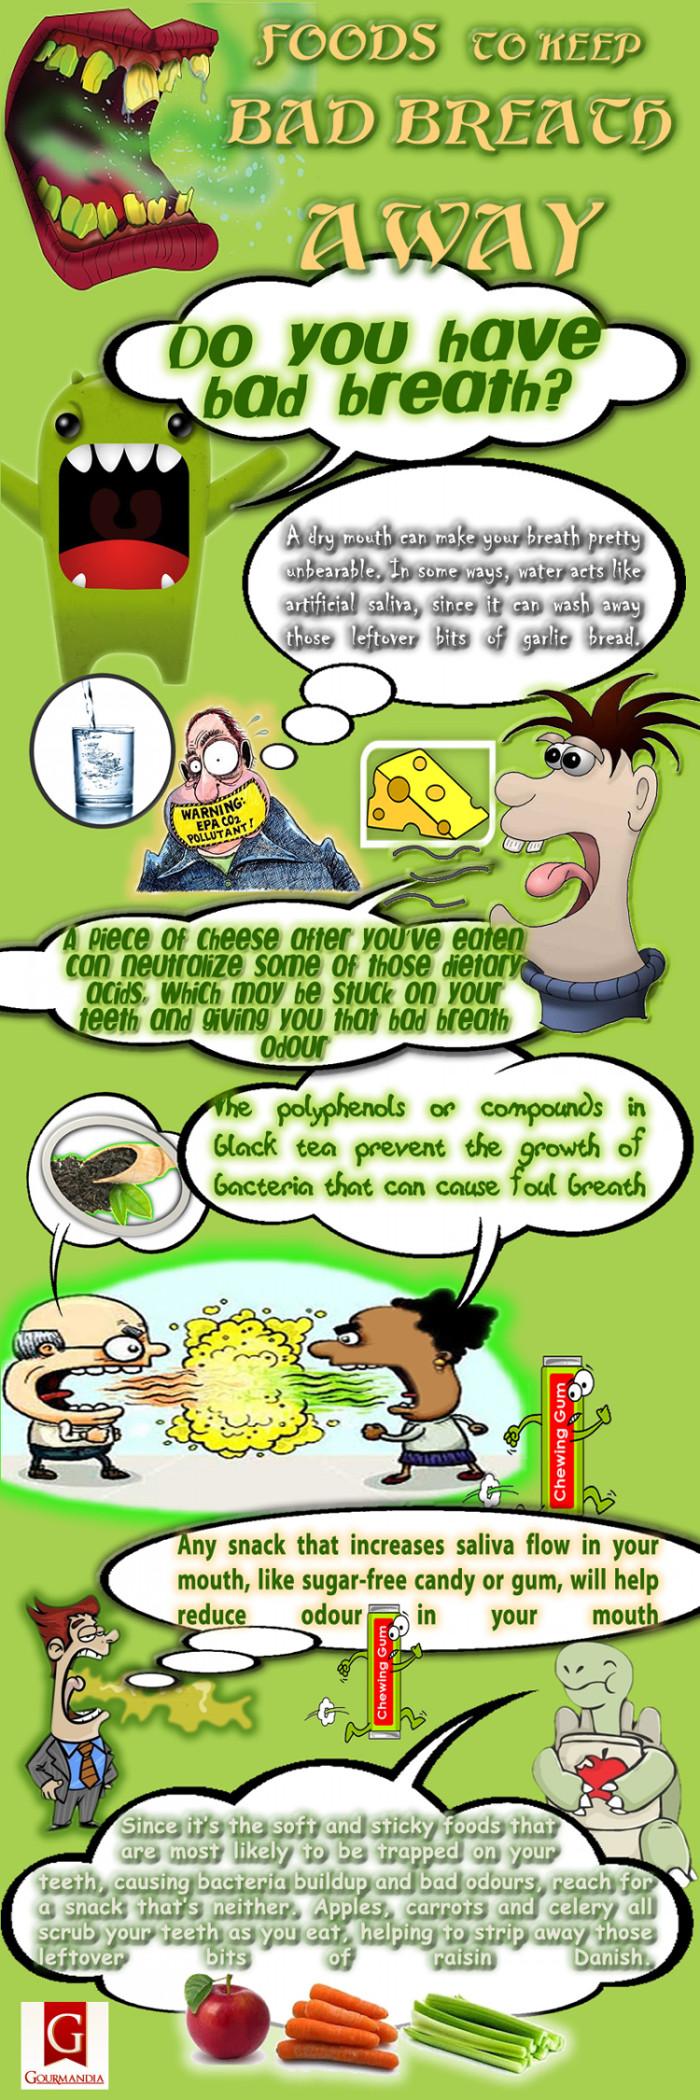 Food To Keep Bad Breath Away